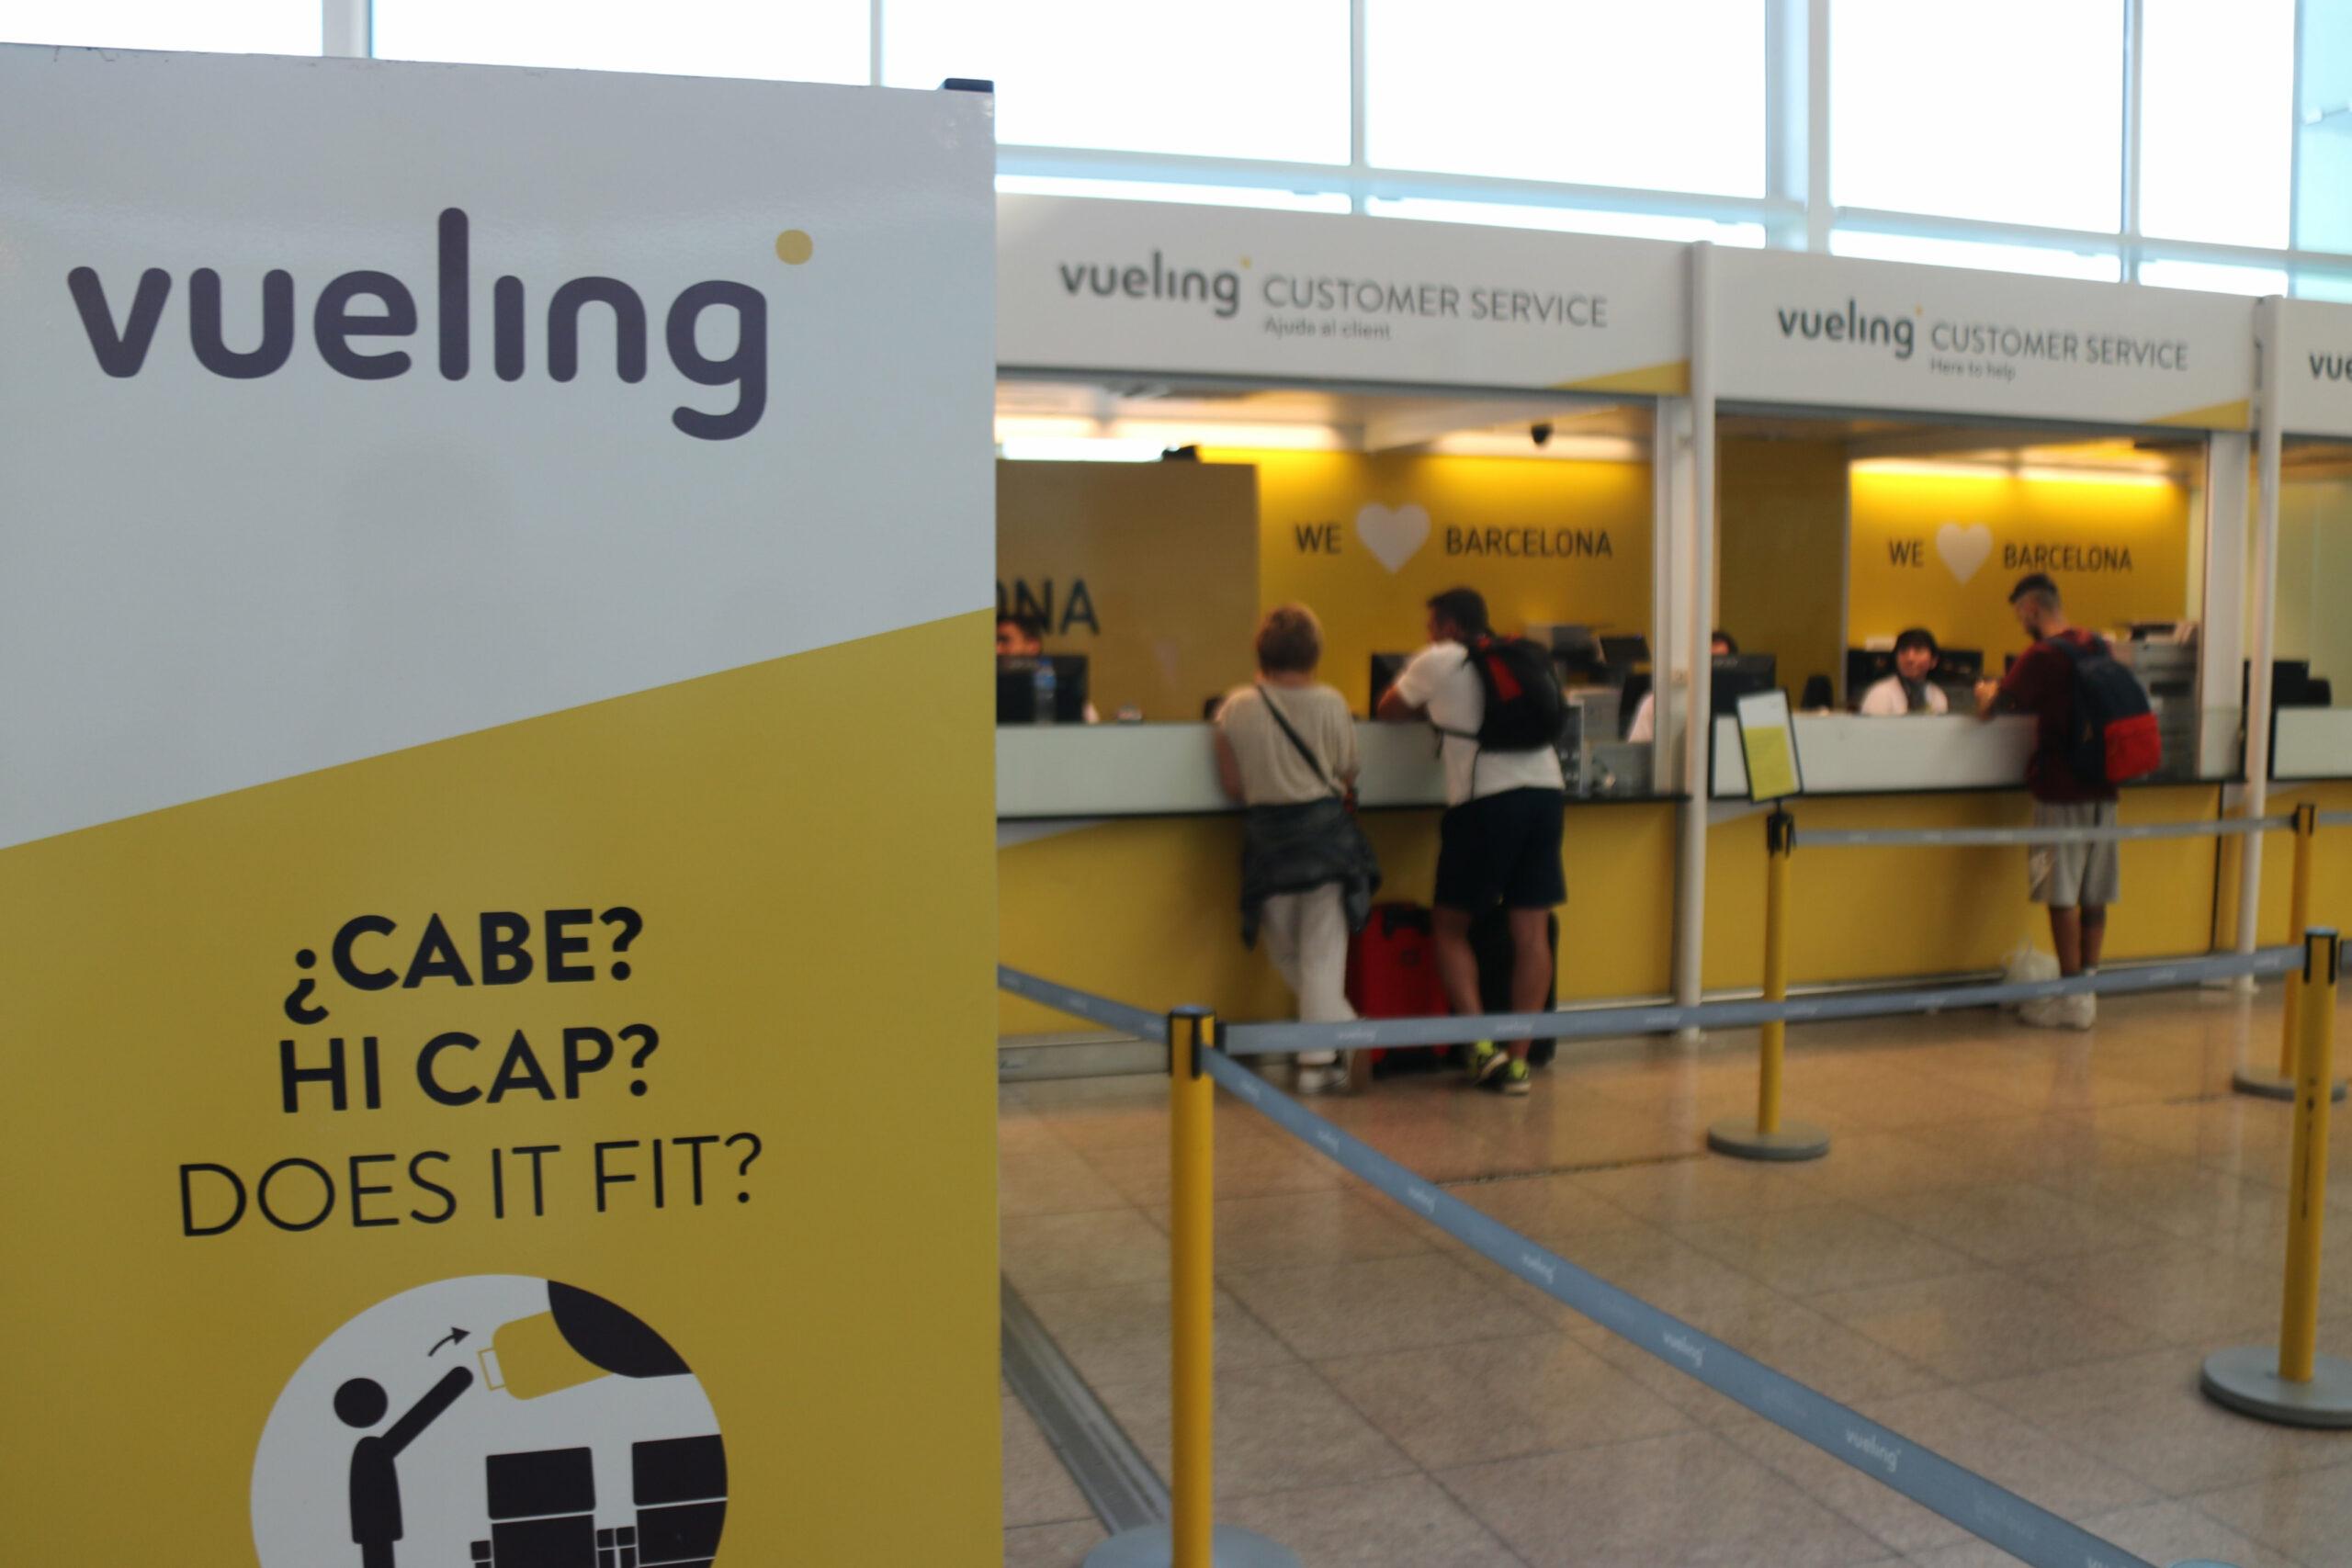 Taulell de reclamacions de Vueling a l'aeroport del Prat | ACN